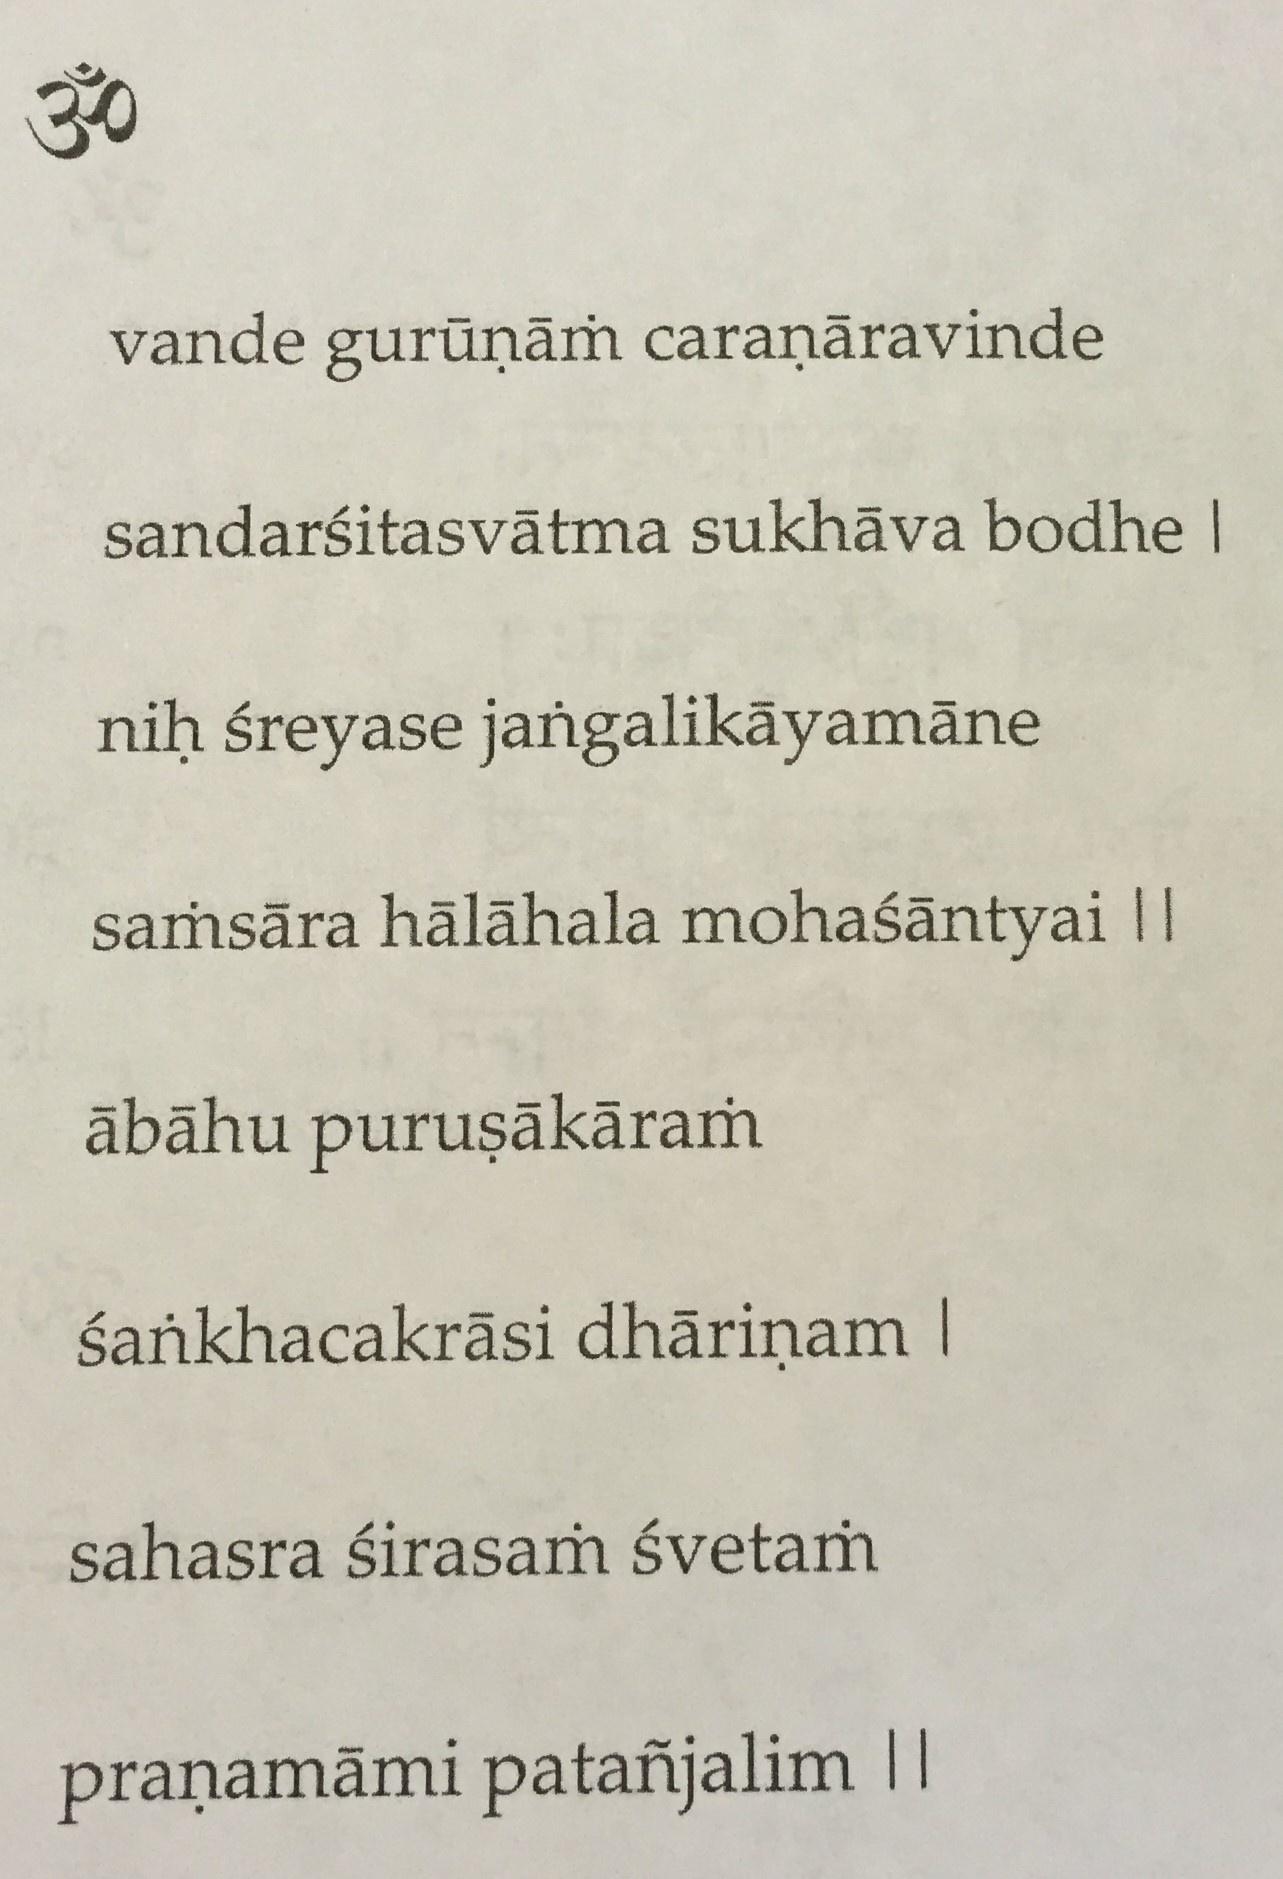 vande gurūṇāṃ